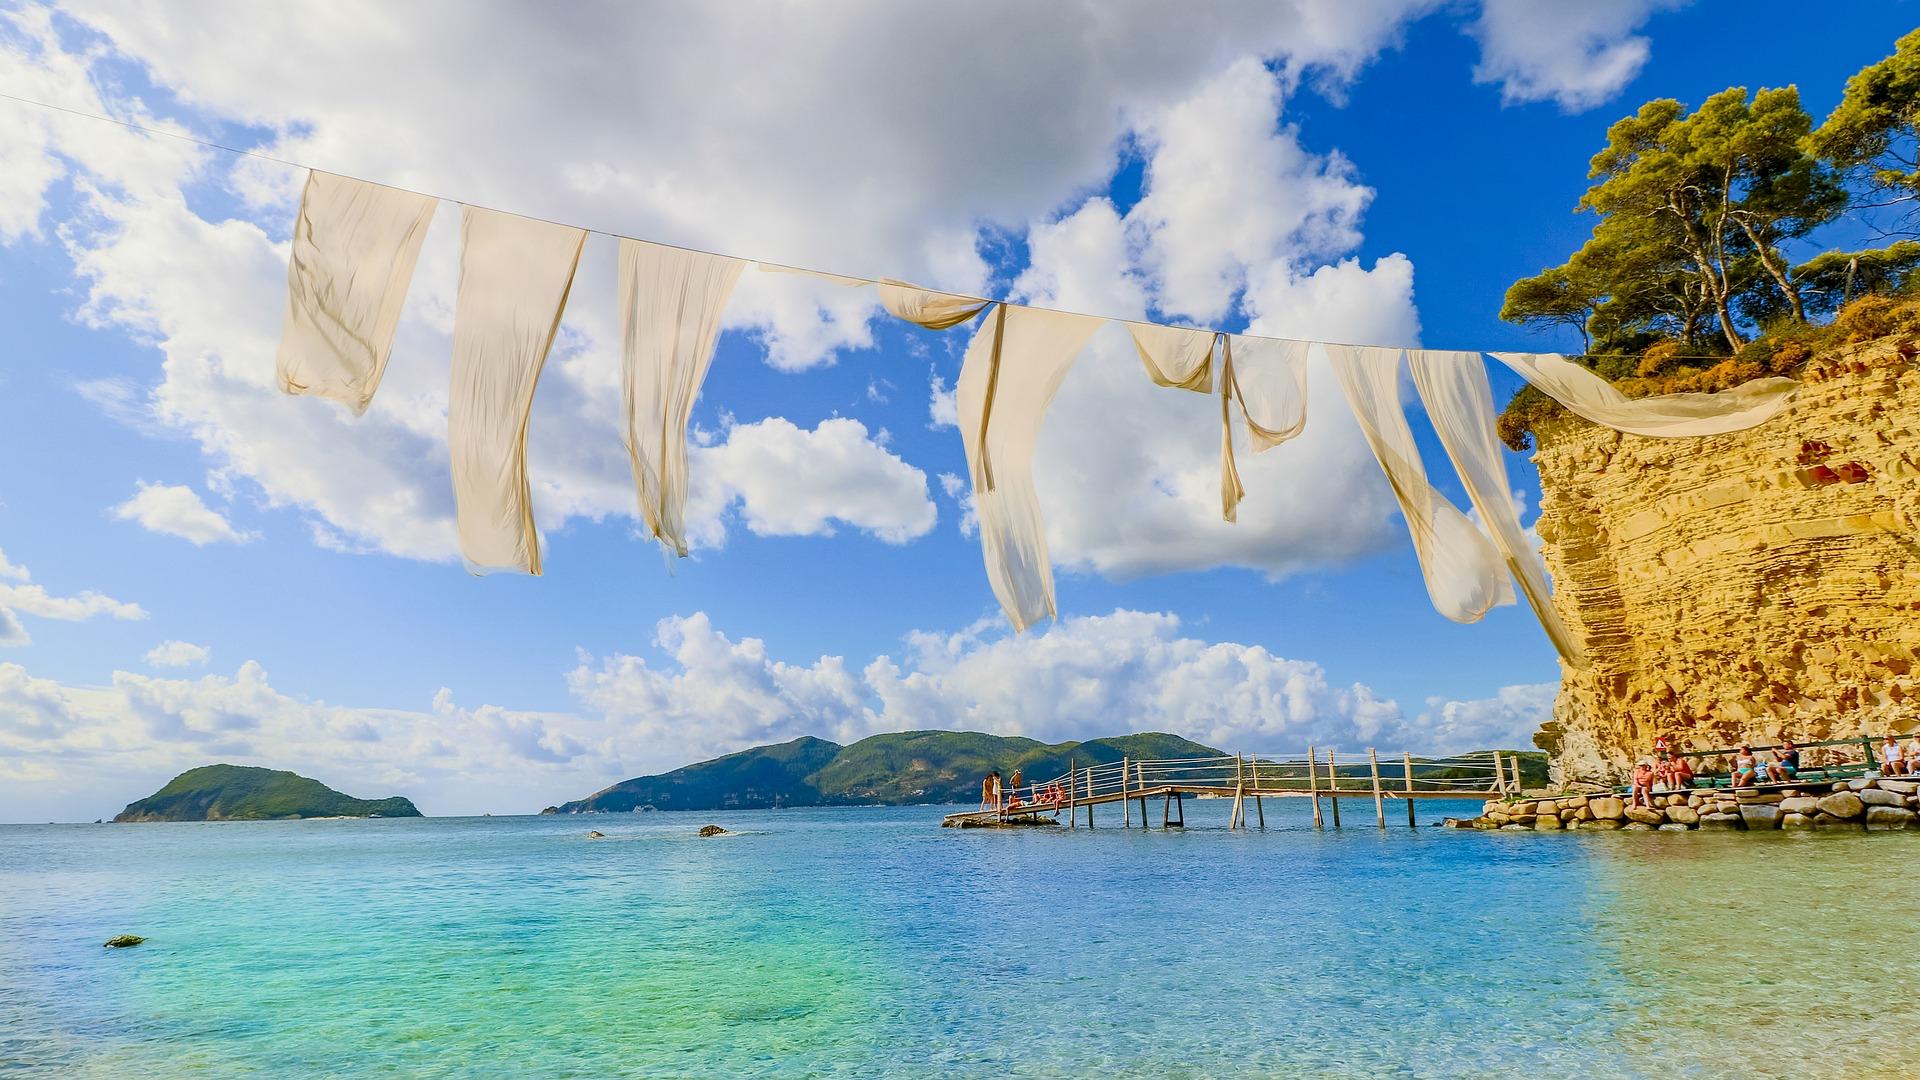 Zaplanuj urlop i odkryj grecką kulturę – Zakynthos lato 2020 Pabianice